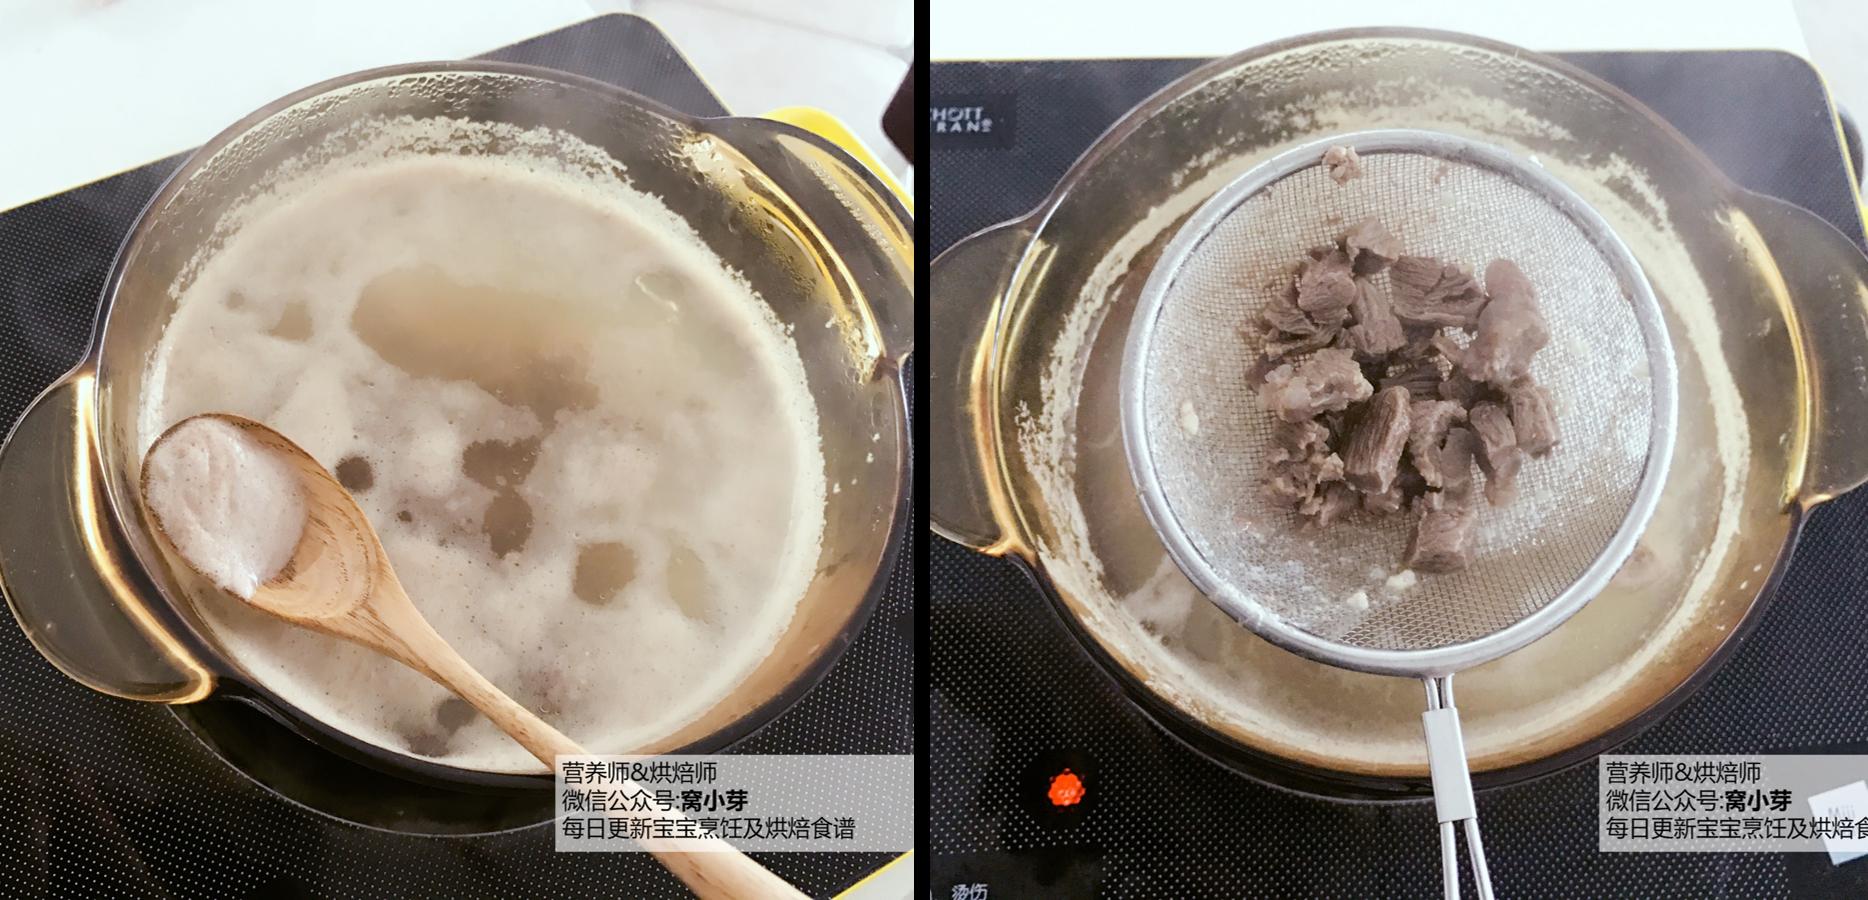 宝宝辅食:有饭、有菜、有肉,啥都有的土豆牛肉焖饭!18M+,锅里放水,将牛肉焯水5分钟,撇去浮沫,捞出牛肉粒,反复清洗几遍备用。</p> <p>》如果是猪肉,也需要撇除泡沫,不然会比较腥。</p> <p>》彻底把血水浮沫清洗干净